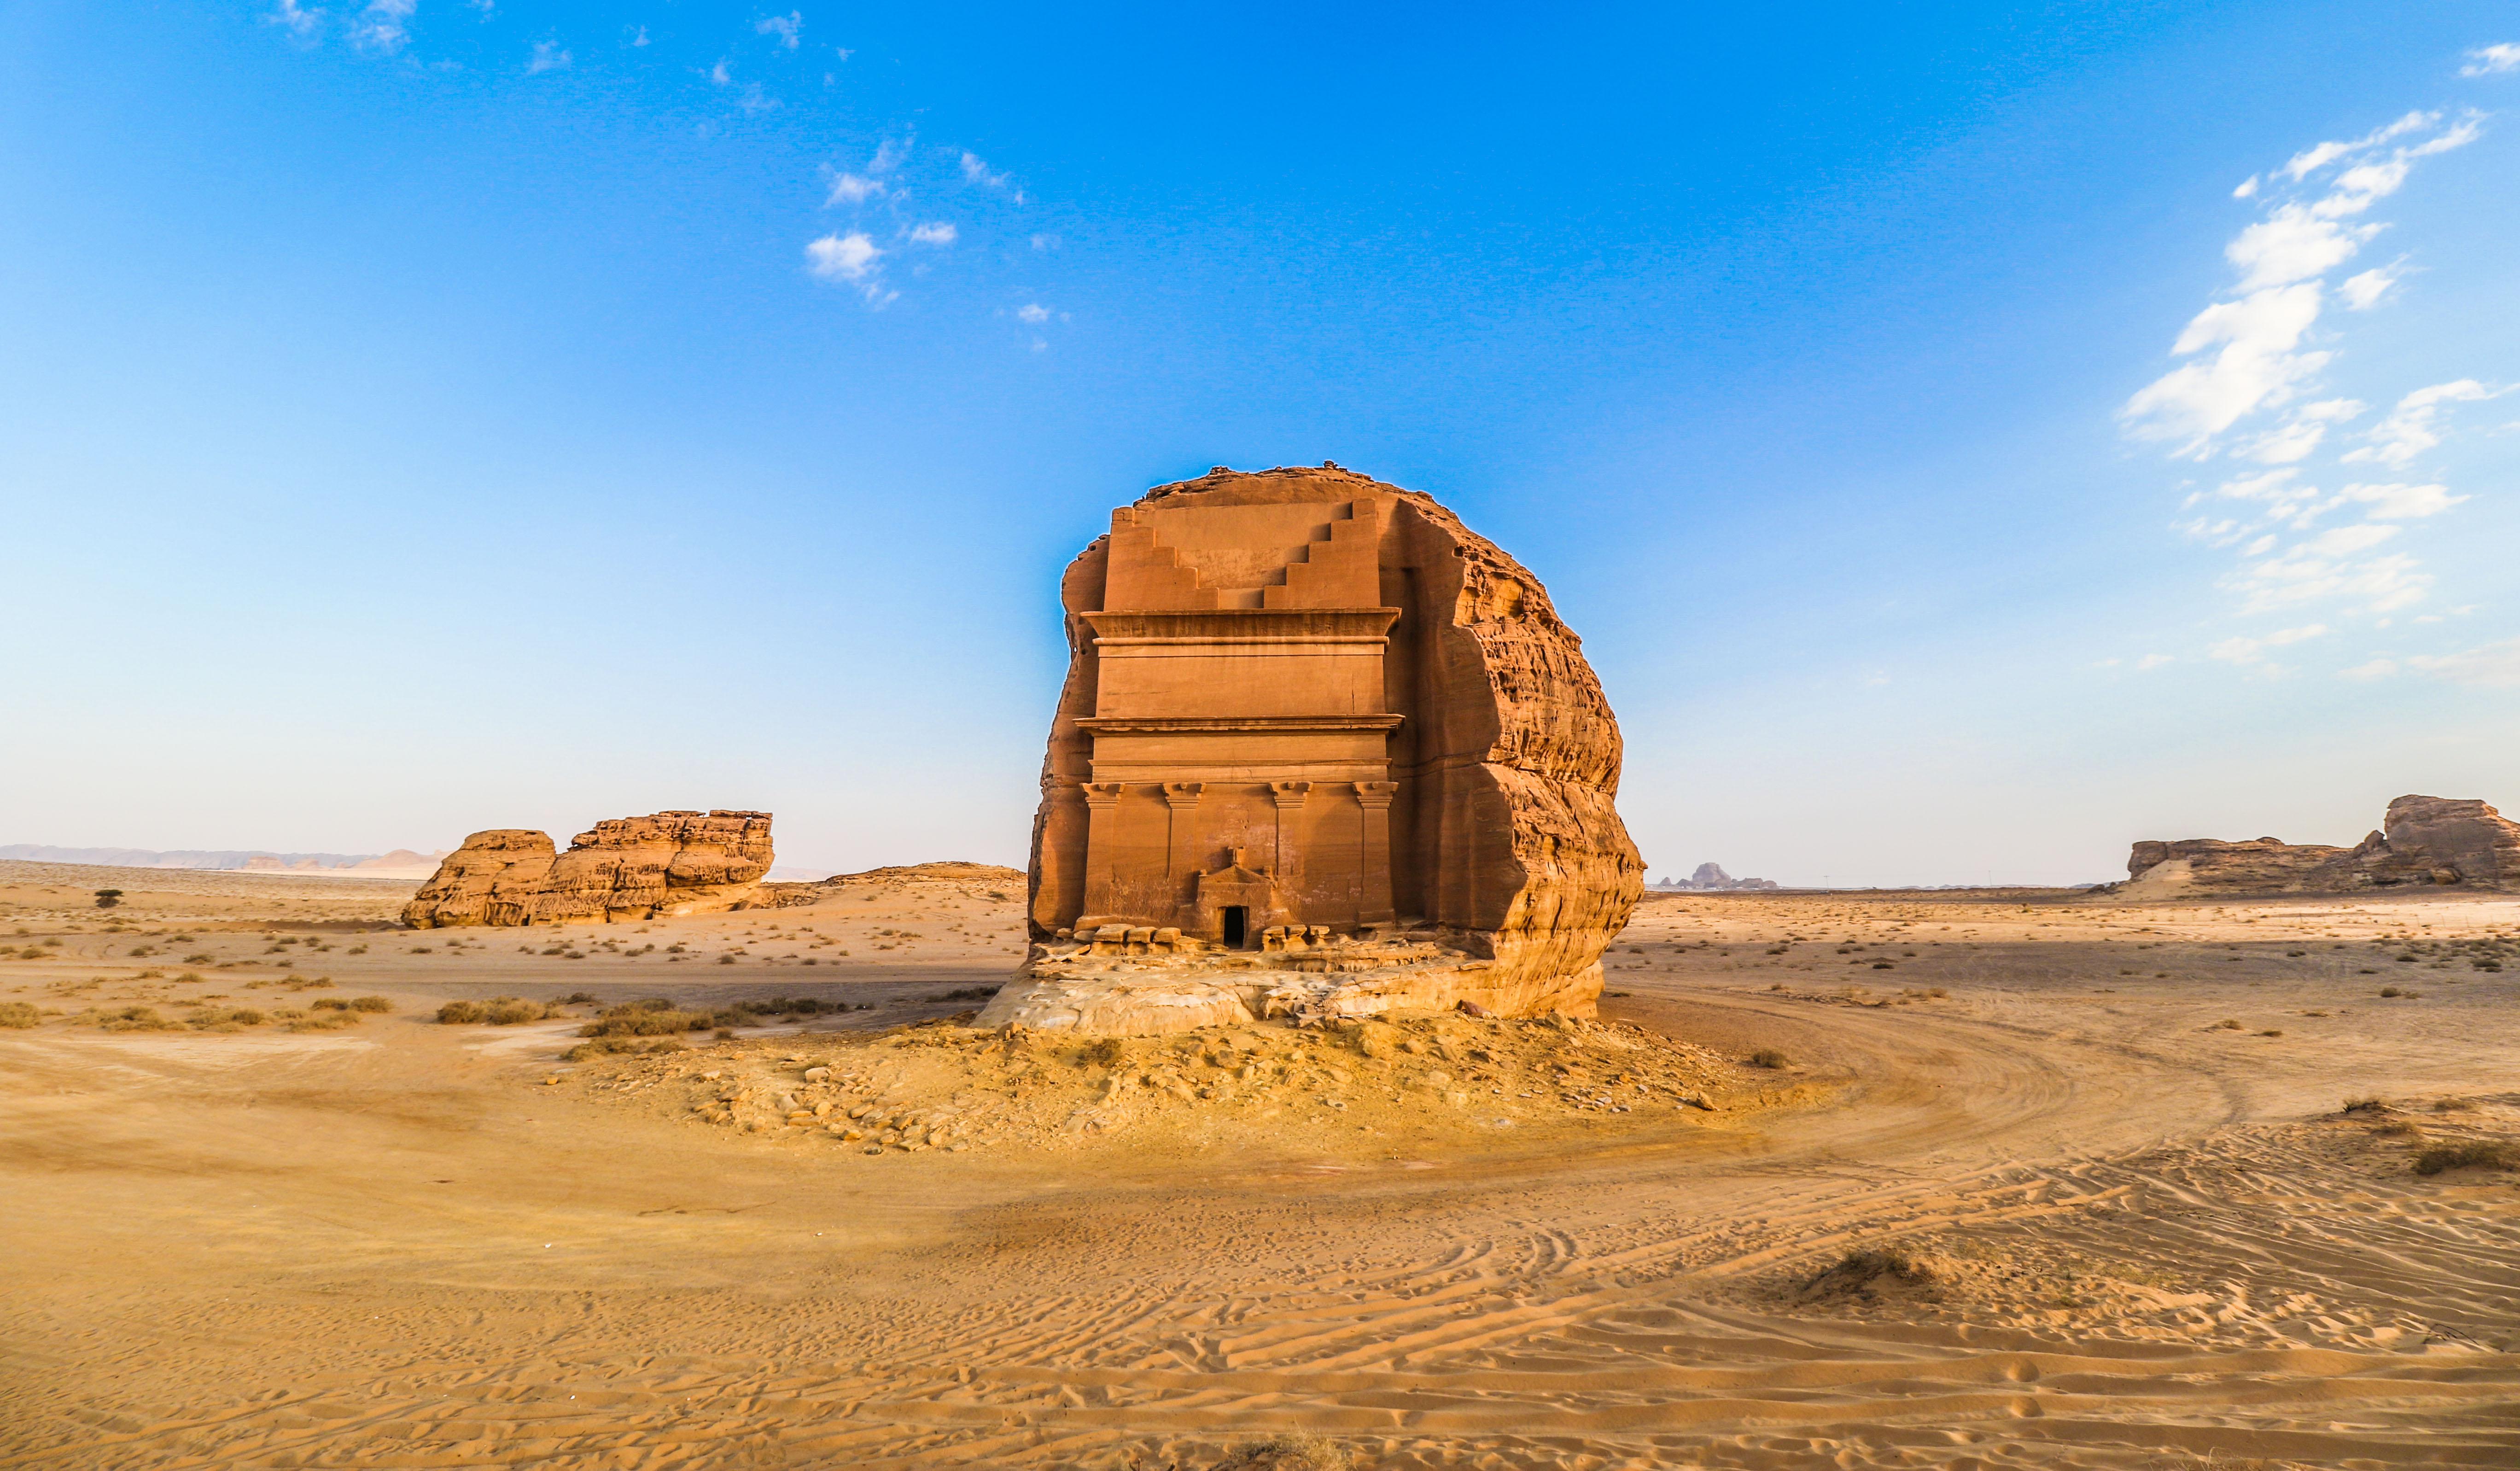 Arabie Saoudite : découvrez l'extraordinaire tombeau de Qasr al-Farid ! Par Clément P. Saudiarabiatourismguide